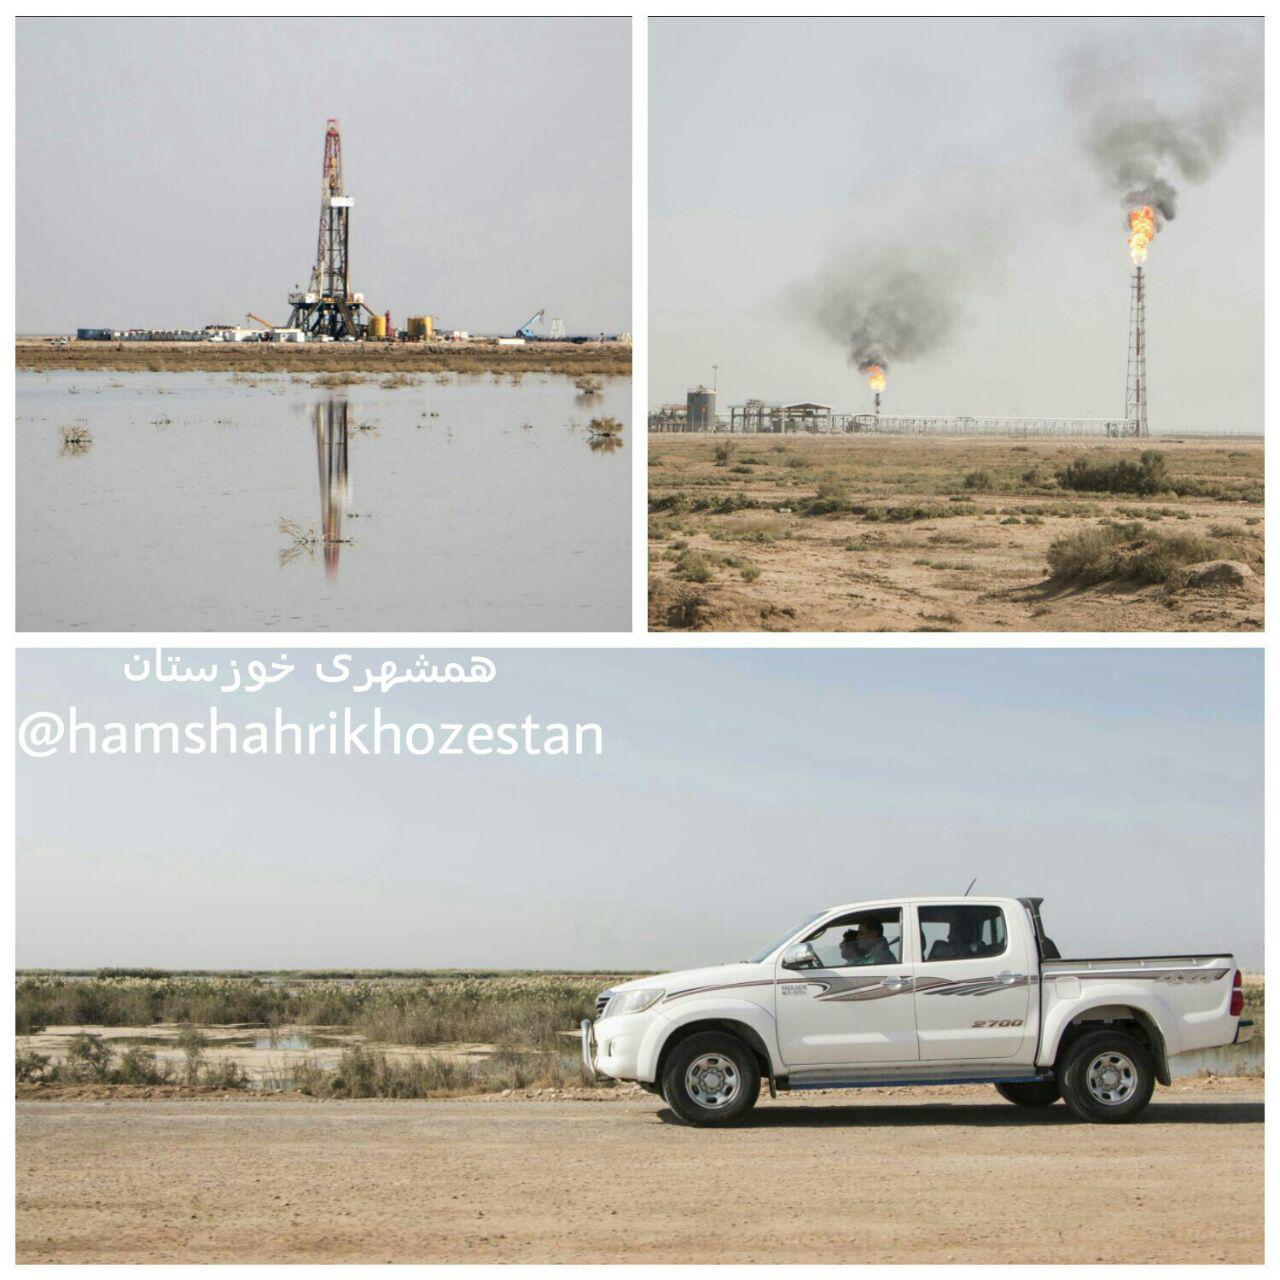 هورالعظیم در برابر نفت زانو زد / فعالان محیط زیست منتظر ورود دادگستری هستند